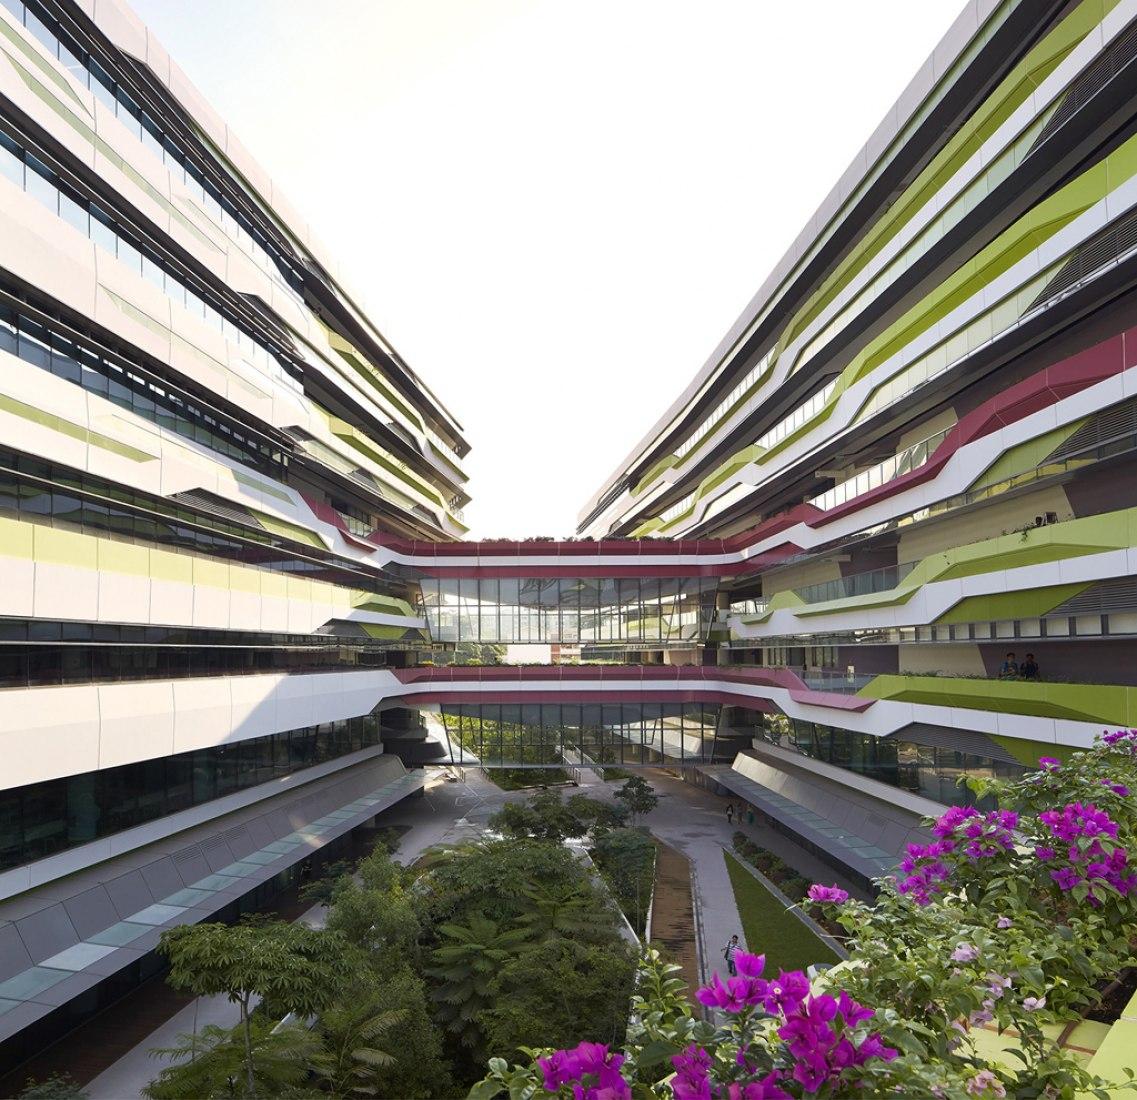 Vista del patio. Singapore University of Technology & Design por UNStudio y DP Architects. Fotografía © Hufton+Crow.